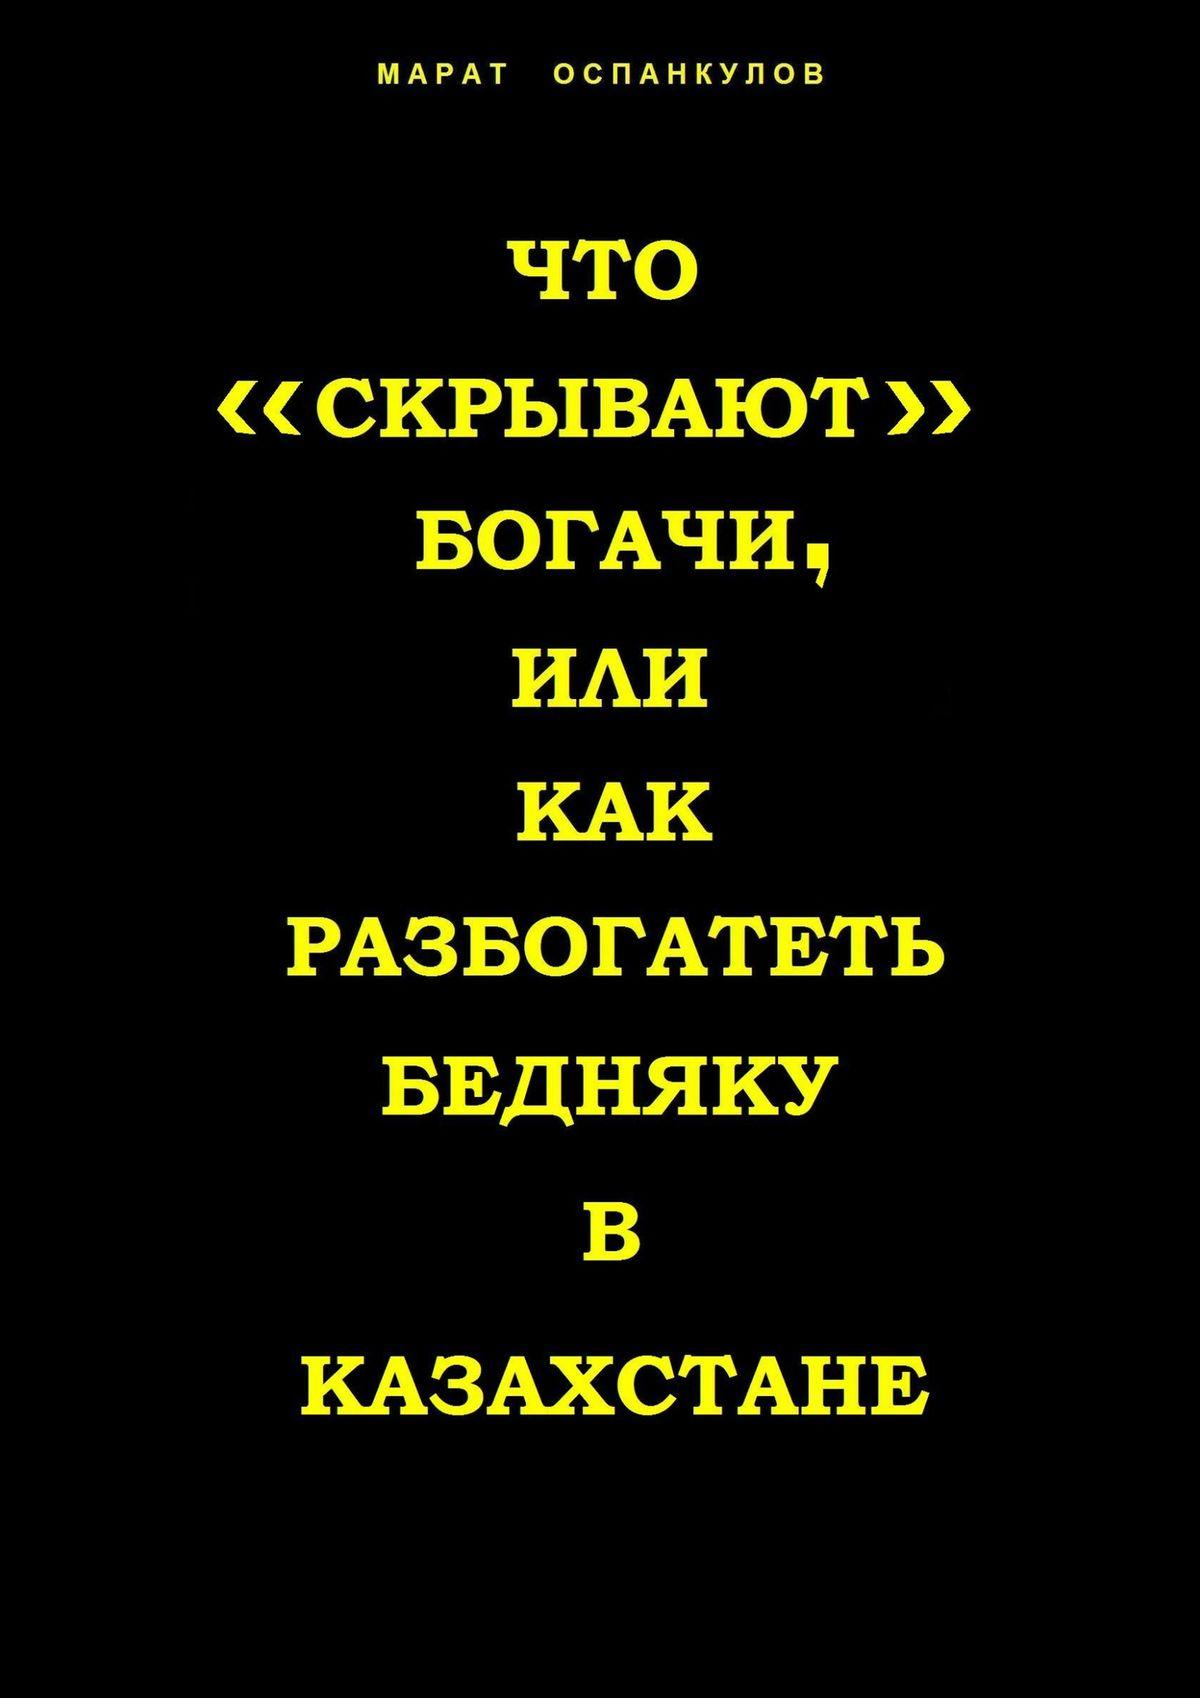 Марат Оспанкулов Что «скрывают» богачи, или как разбогатеть бедняку вКазахстане марат оспанкулов денежная книга